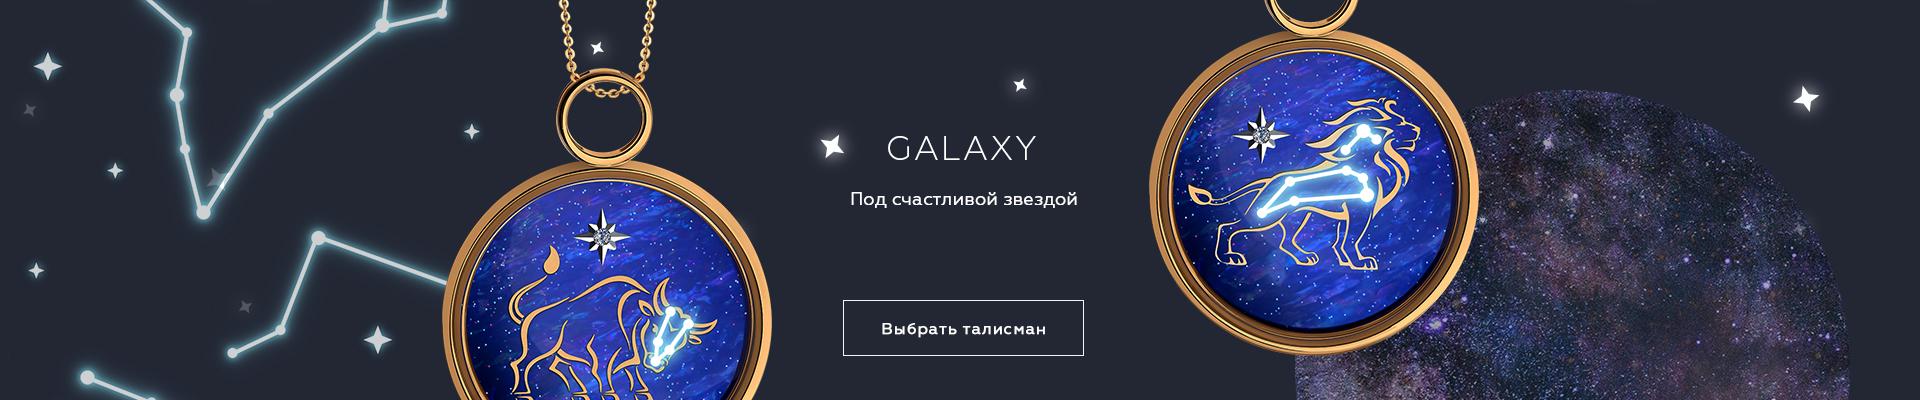 Sokolov Galaxy